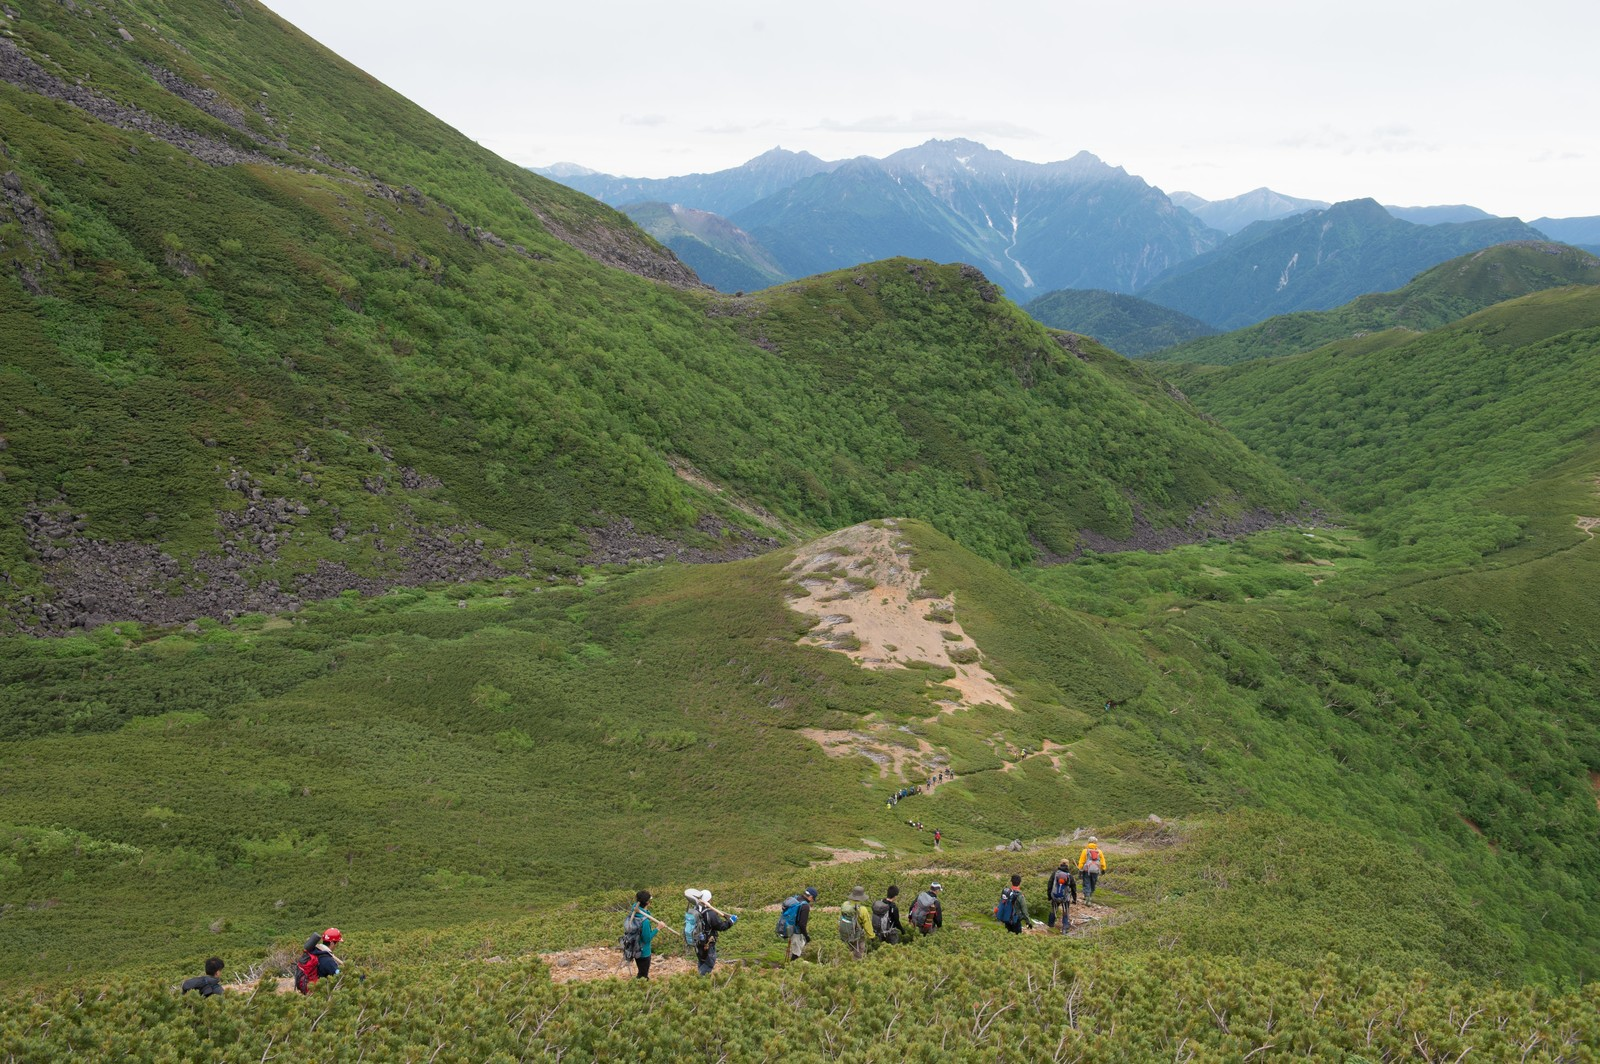 「北アルプスの中央にある乗鞍新登山道と登山者の列」の写真